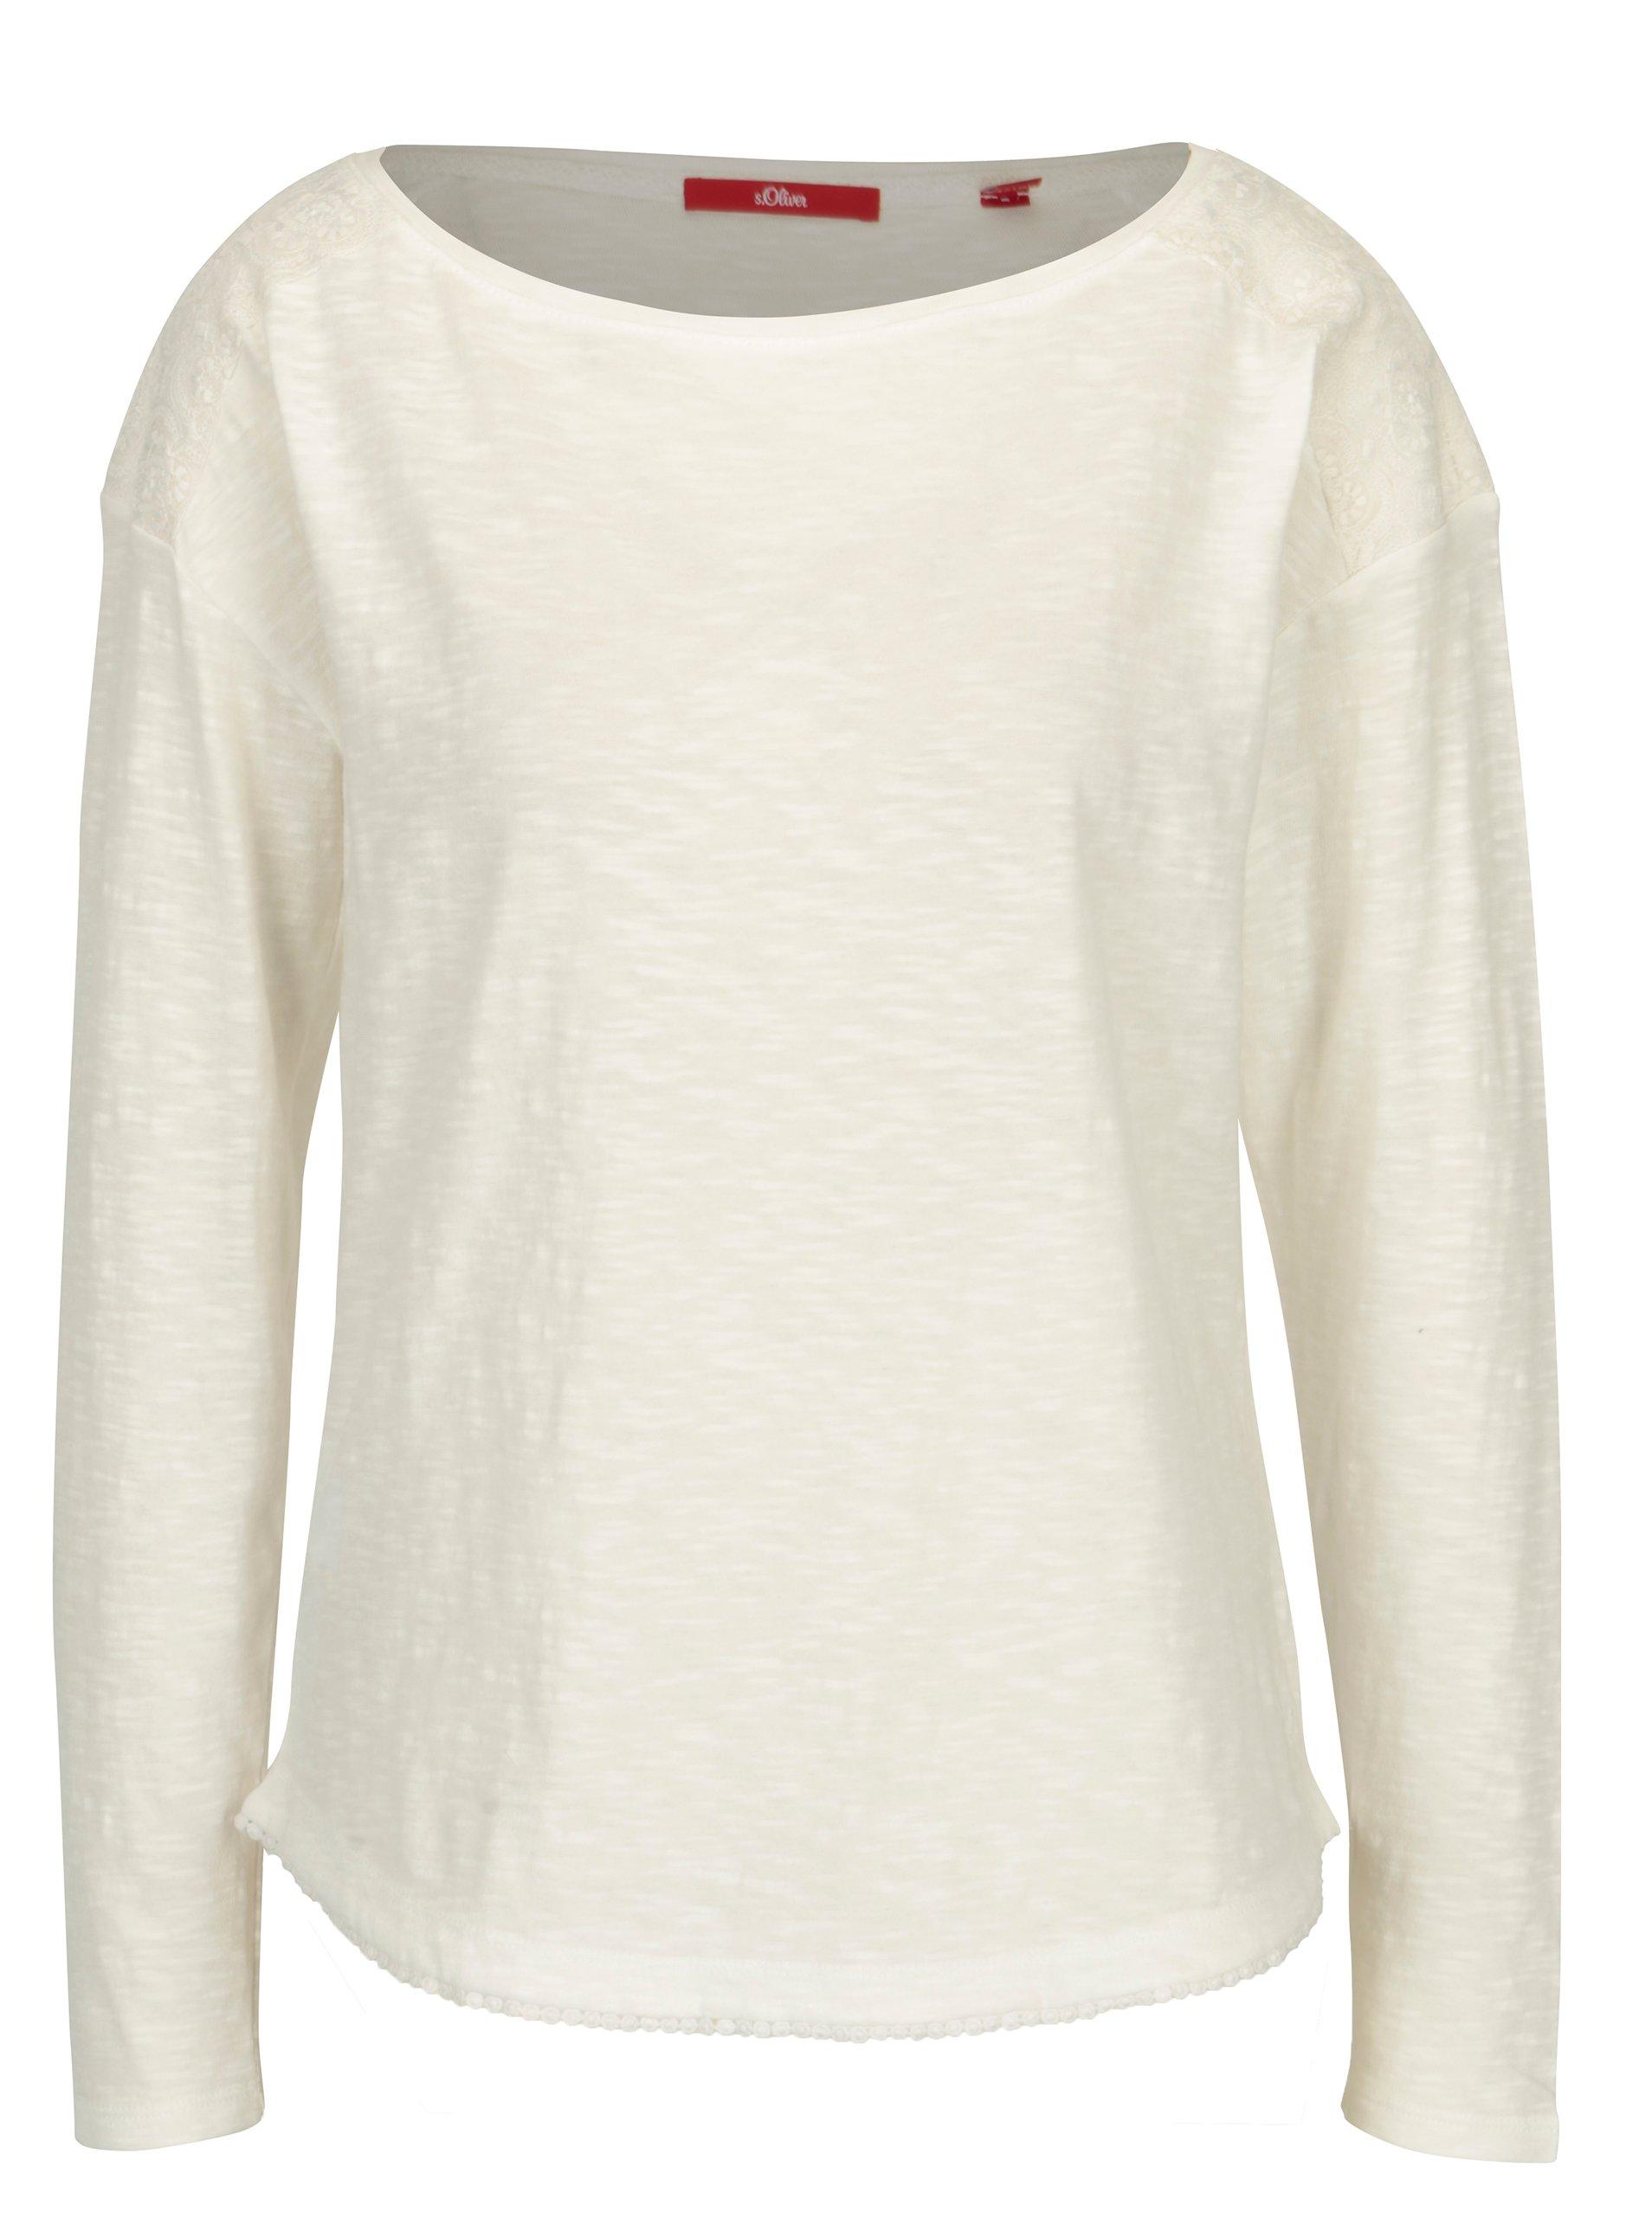 69b34204ea8f Krémové dámske oversize tričko s čipkovými detailmi s.Oliver